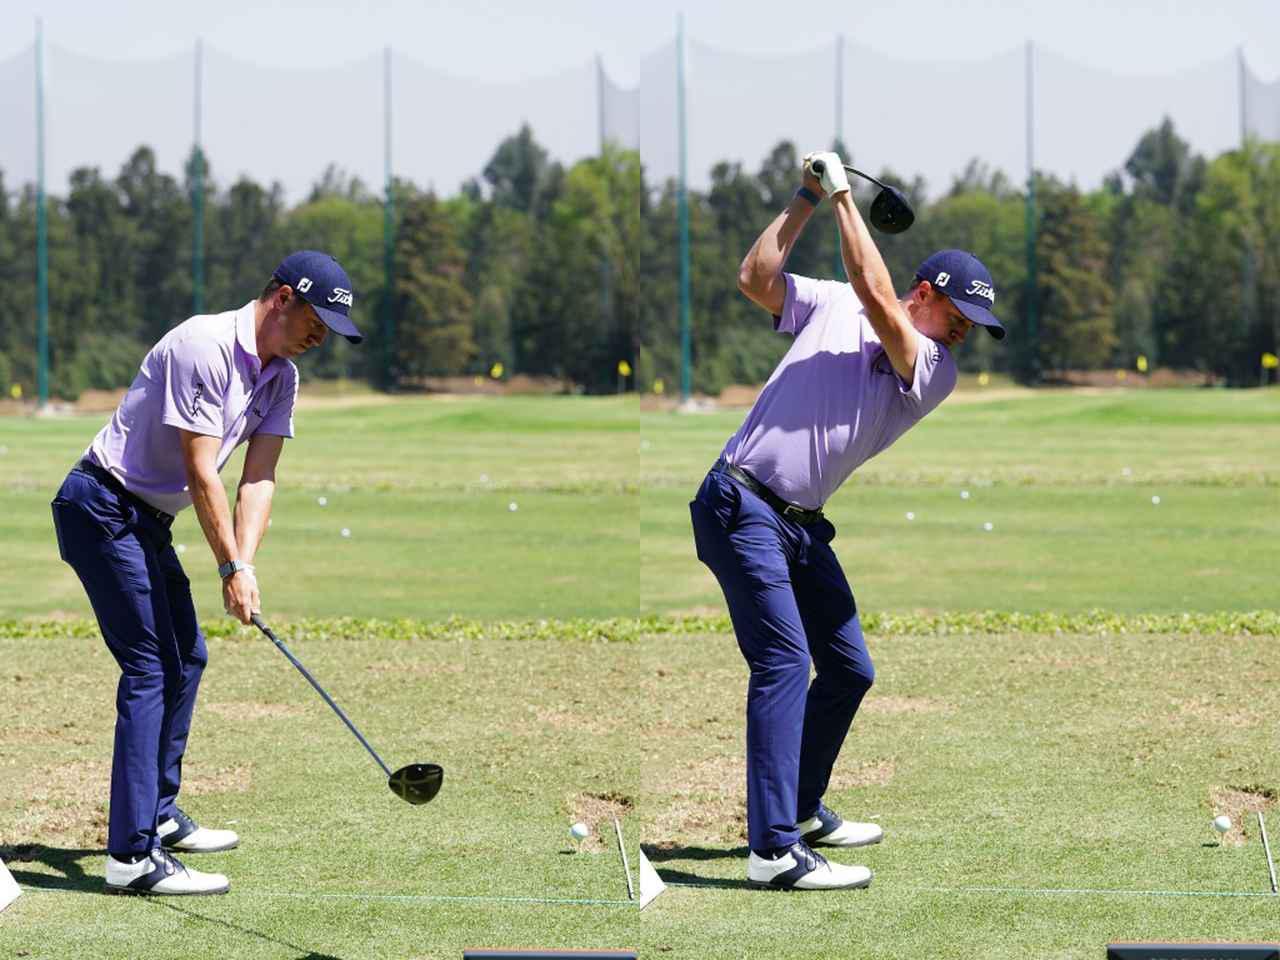 画像: 肩を縦に回し遠心力を使っていくジャスティン・トーマス(写真は2020年のWGCメキシコ選手権 撮影/姉崎正)